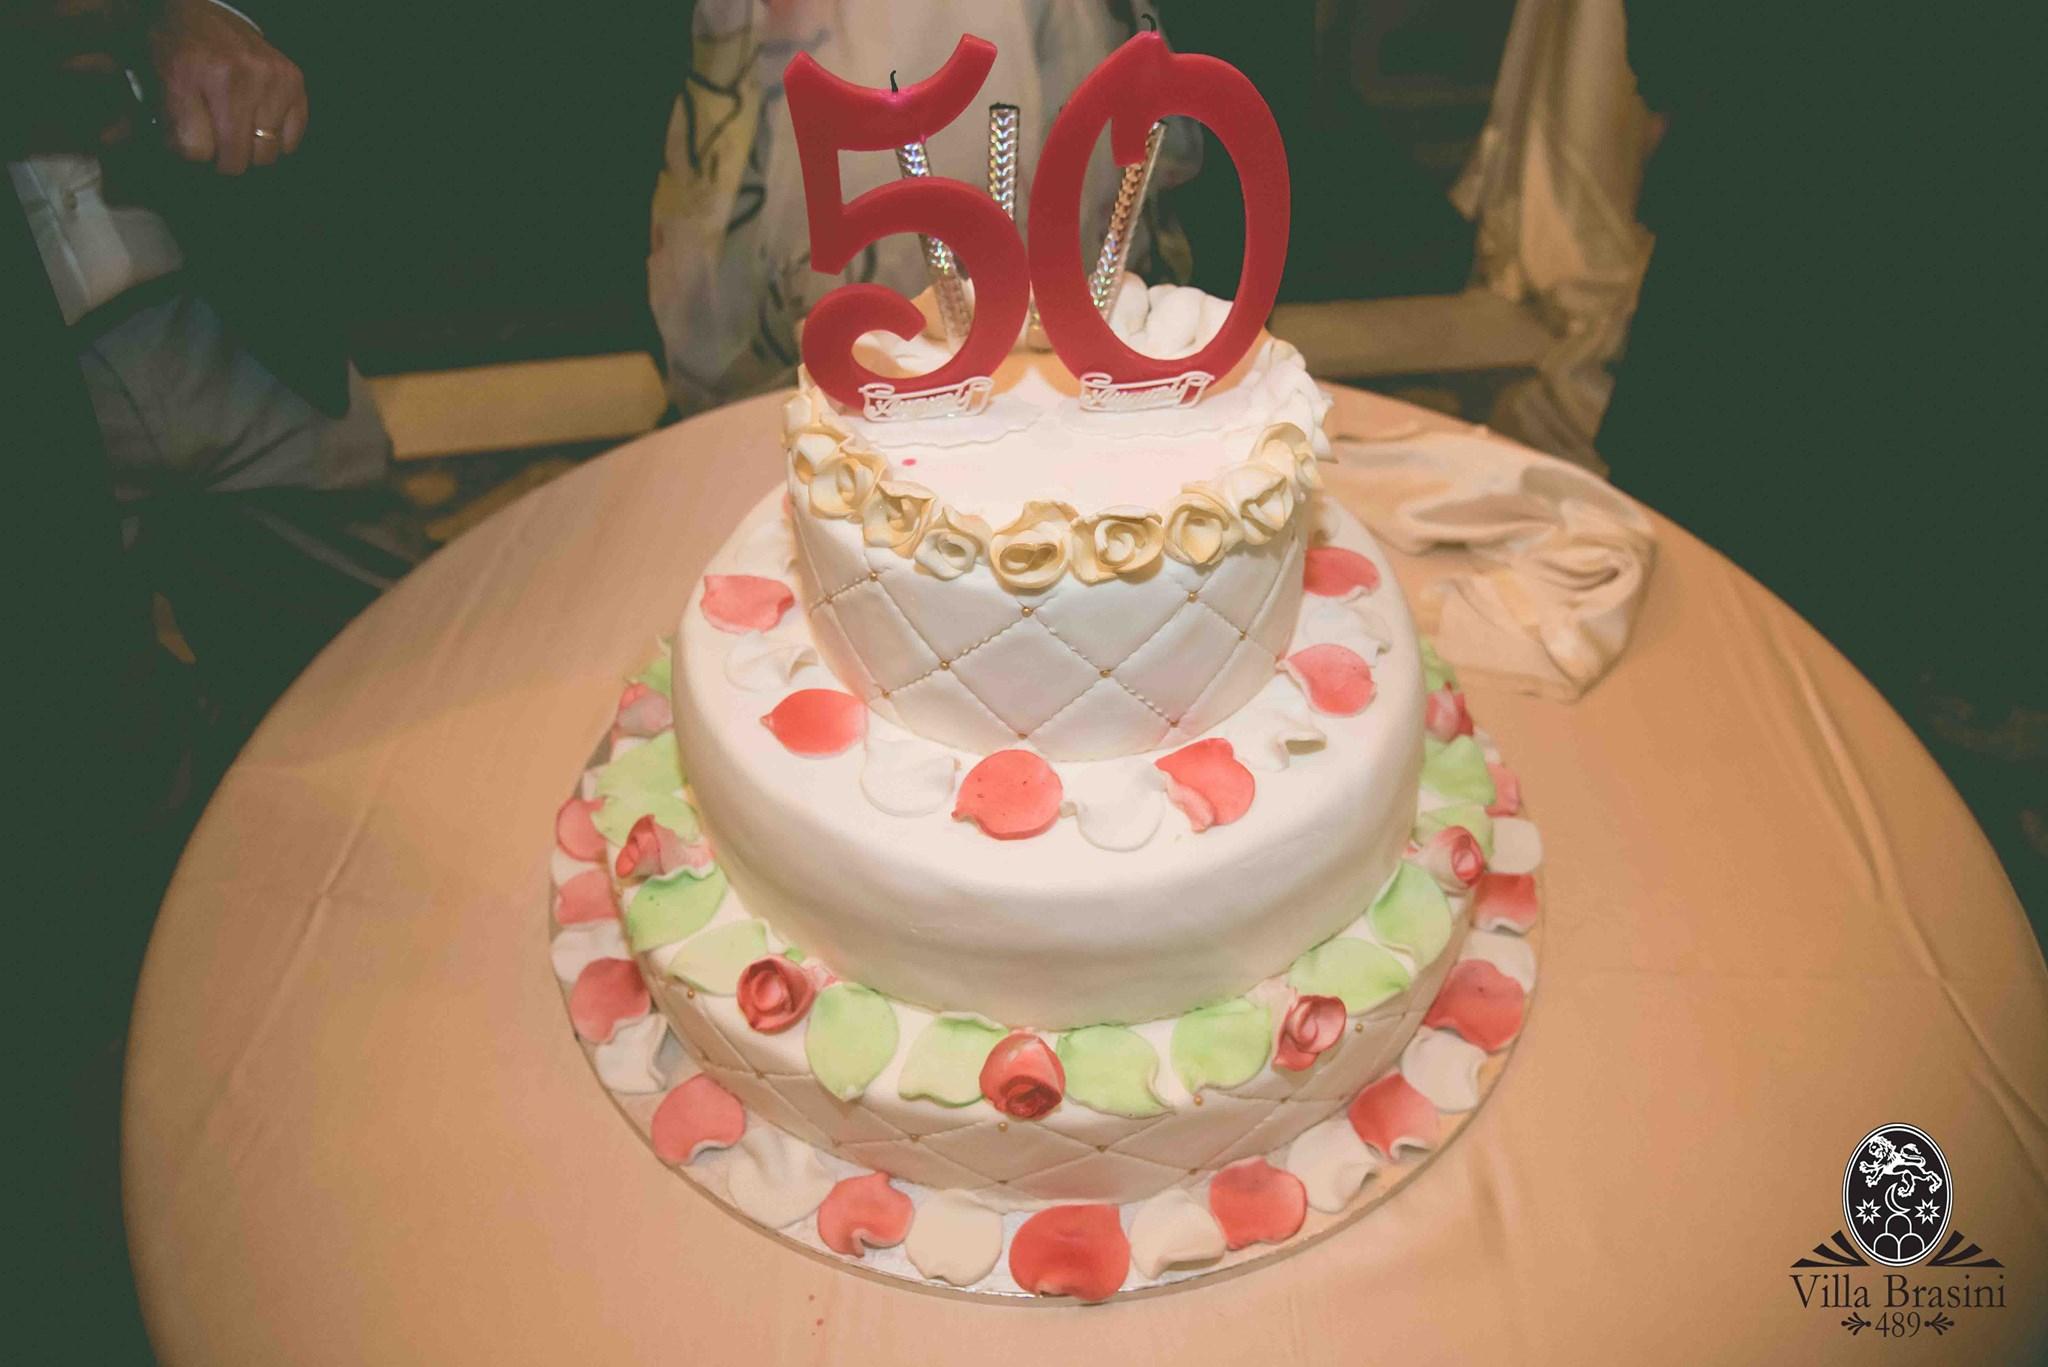 Feste compleanno Villa Brasini